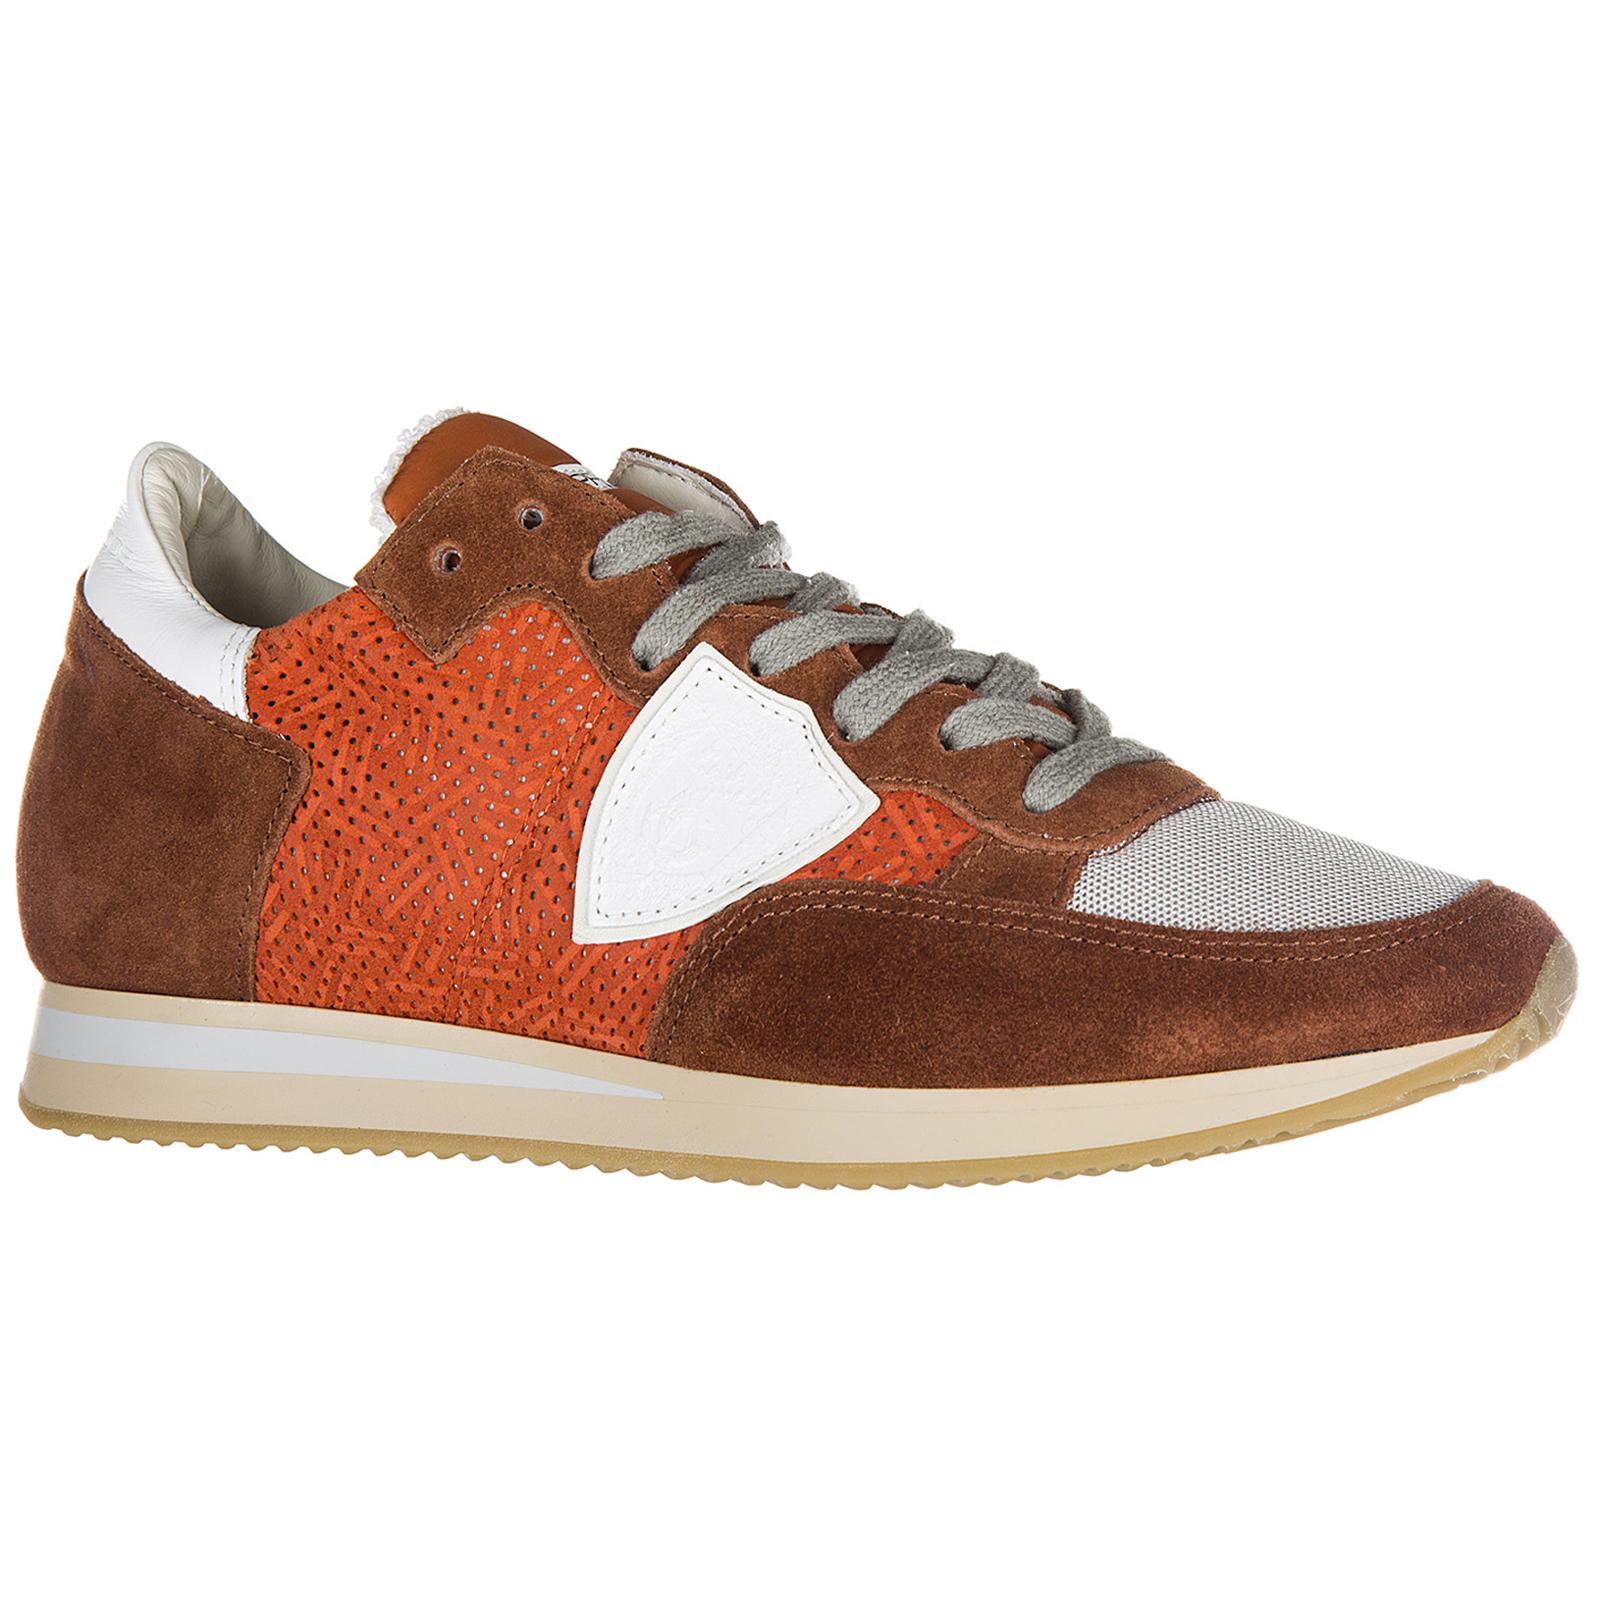 Chaussures baskets sneakers femme en daim tropez perforé